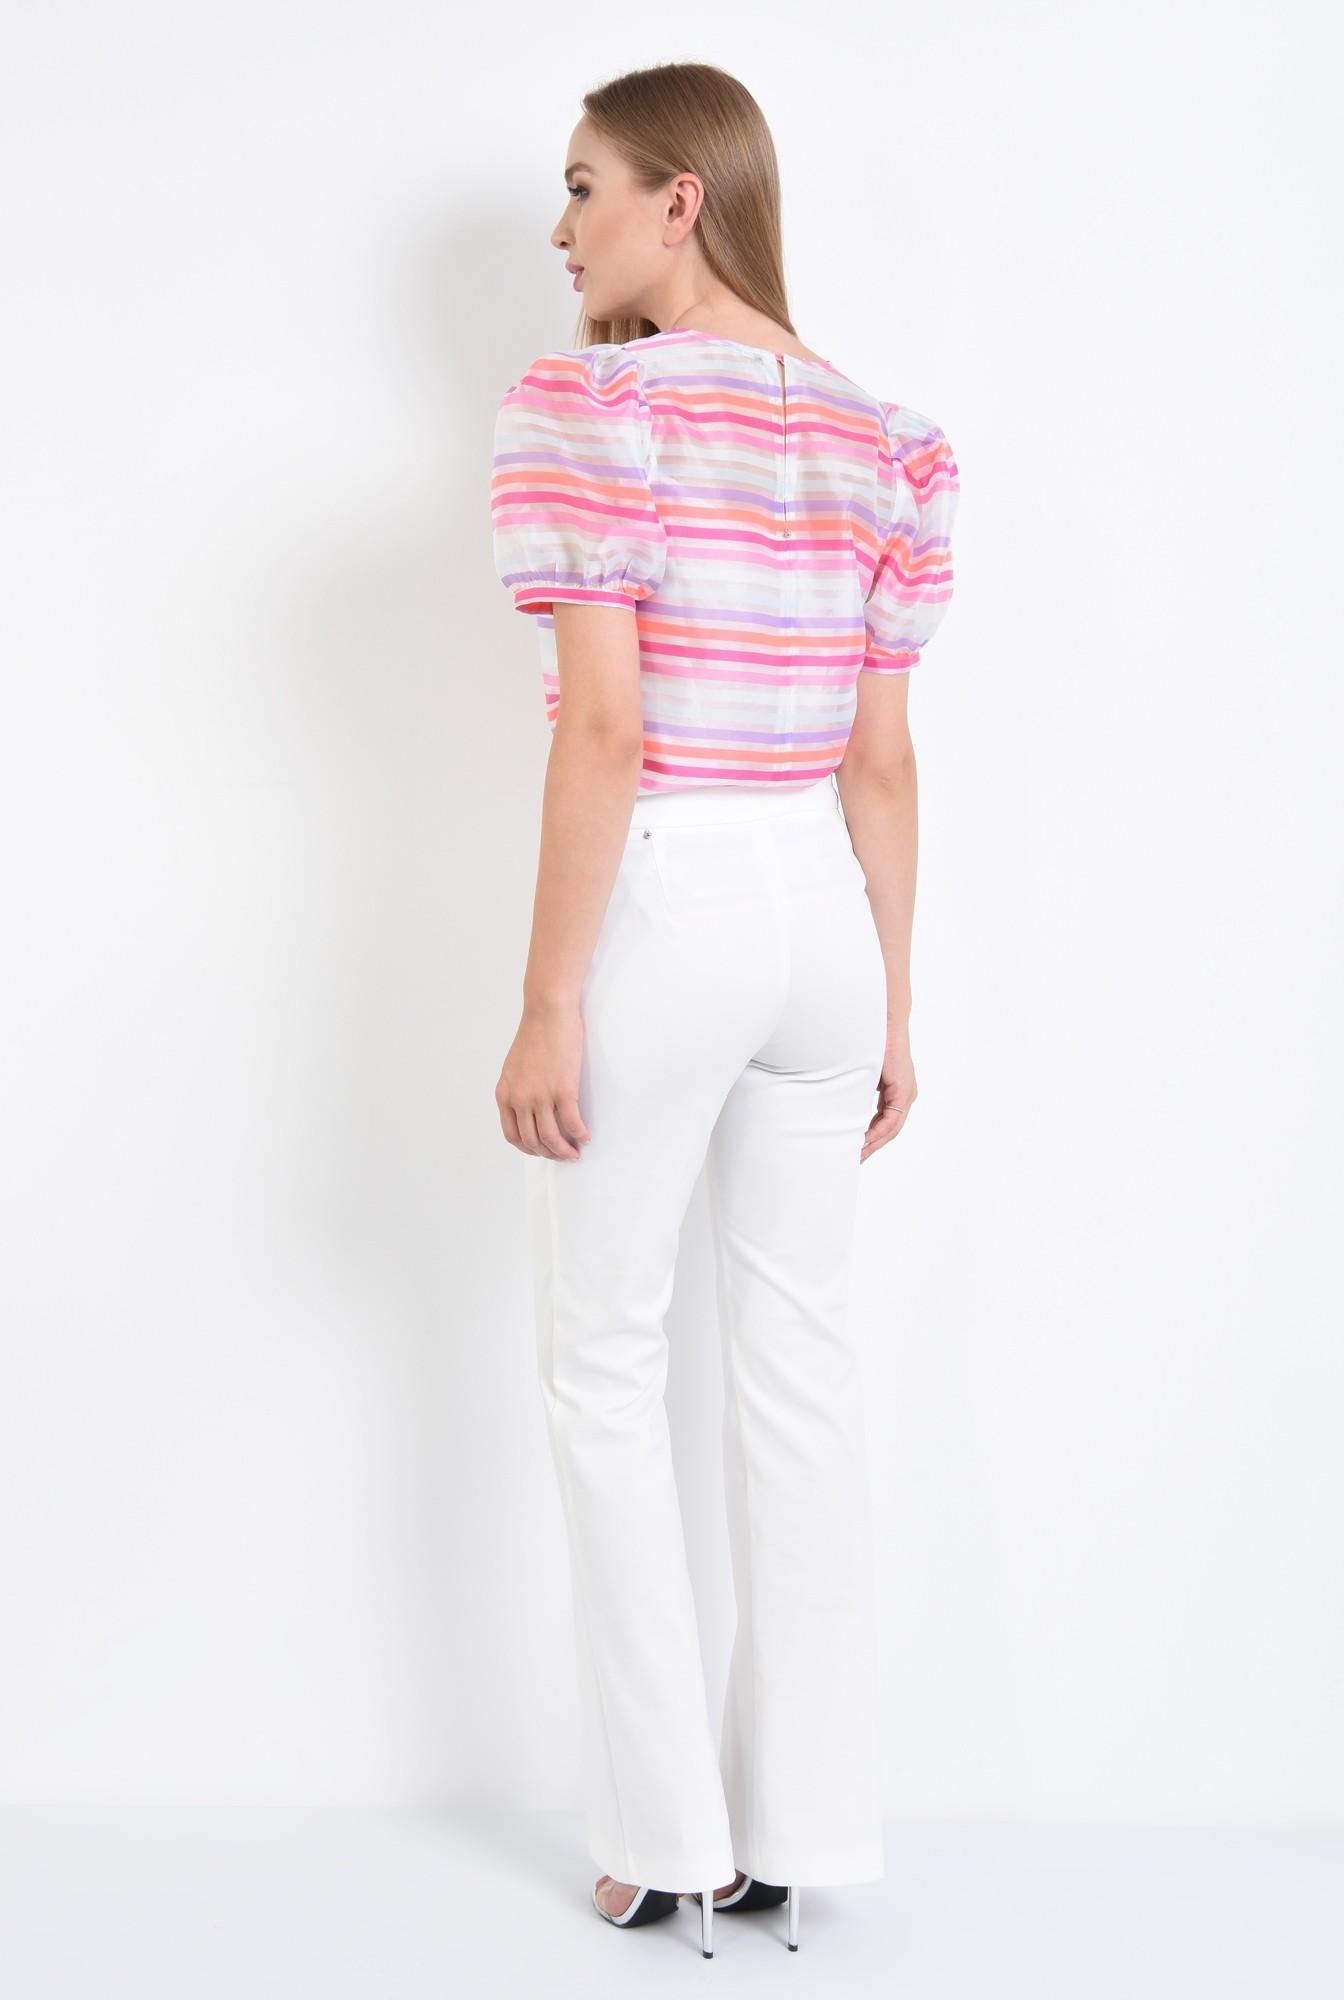 1 - bluza de ocazie, imprimeu dungi, roz, alb, bluze online